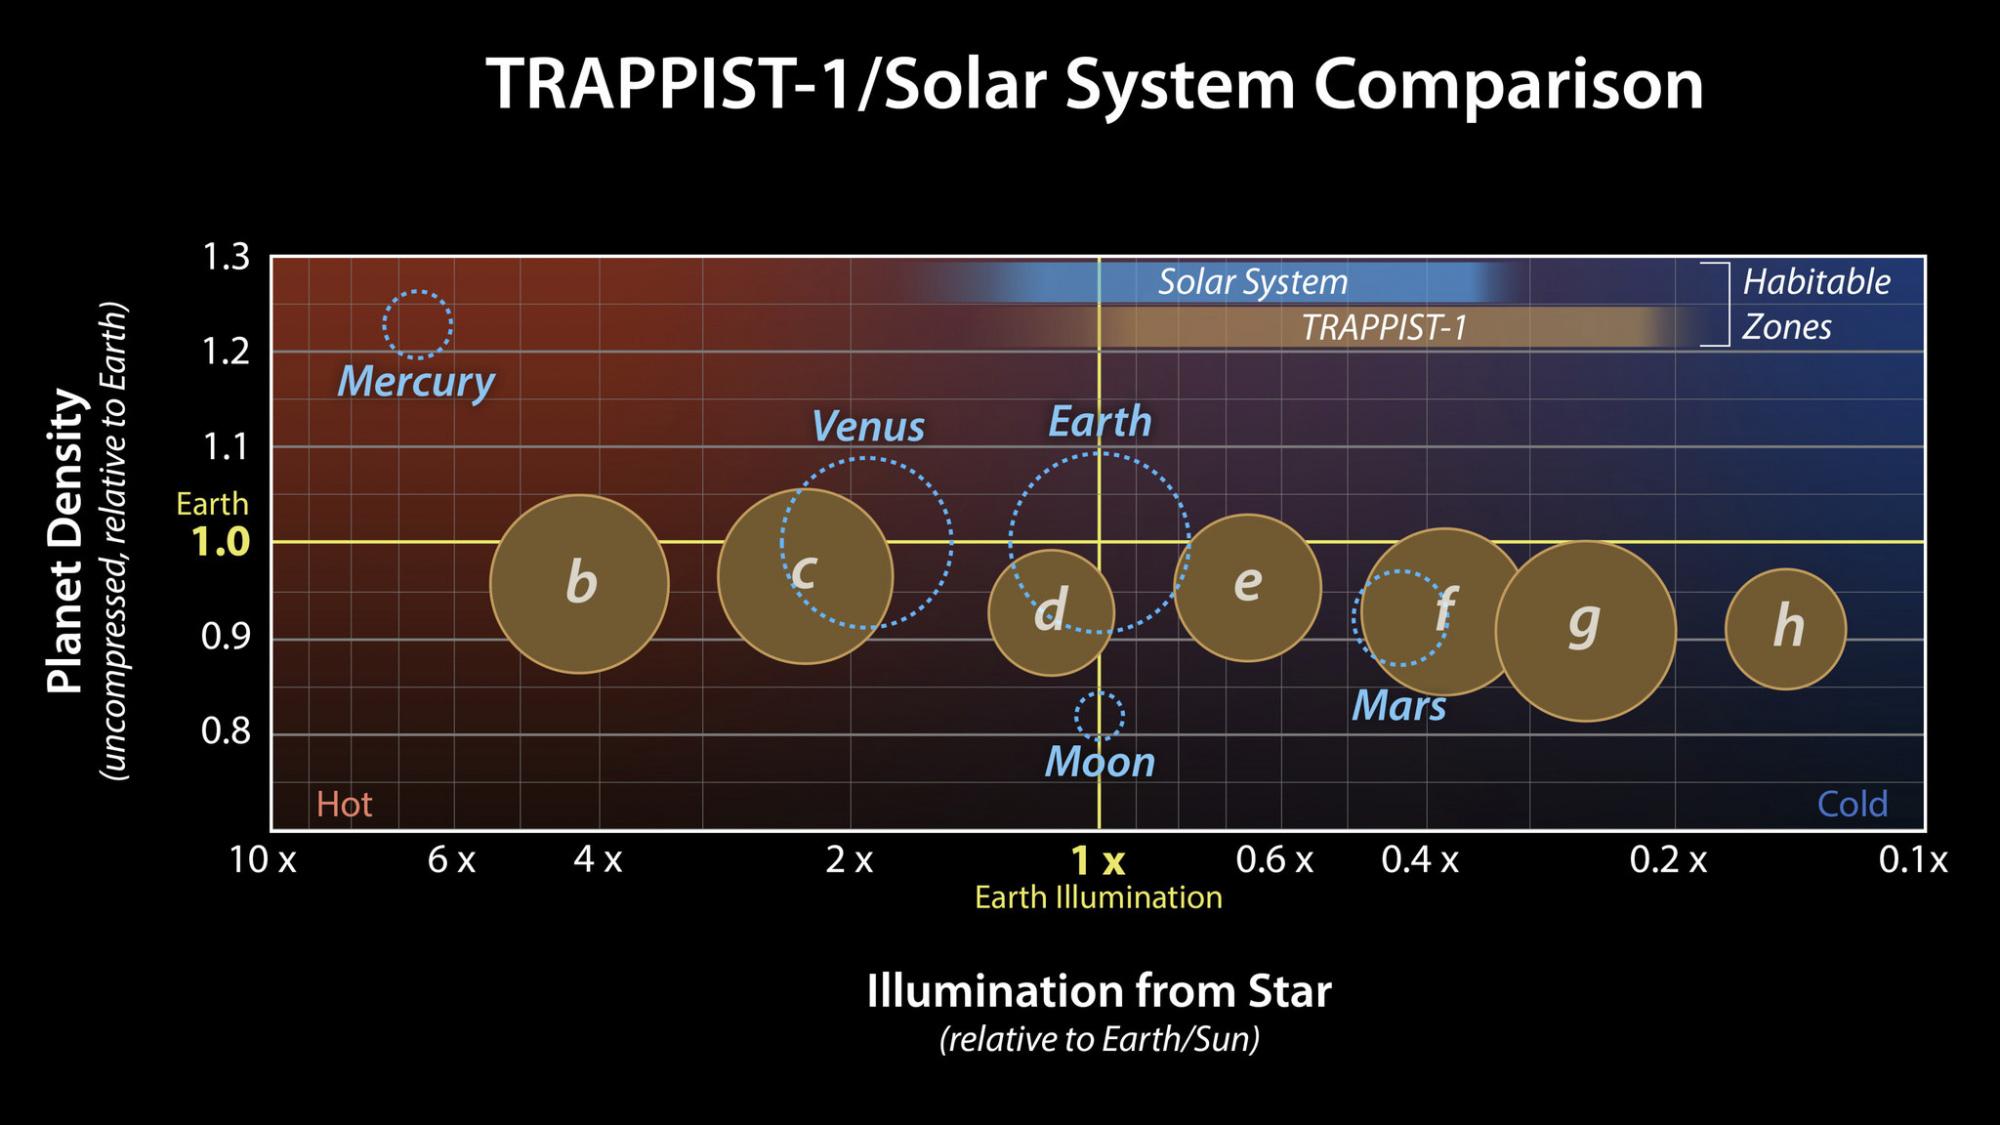 1855_T-1_comparisons.jpeg